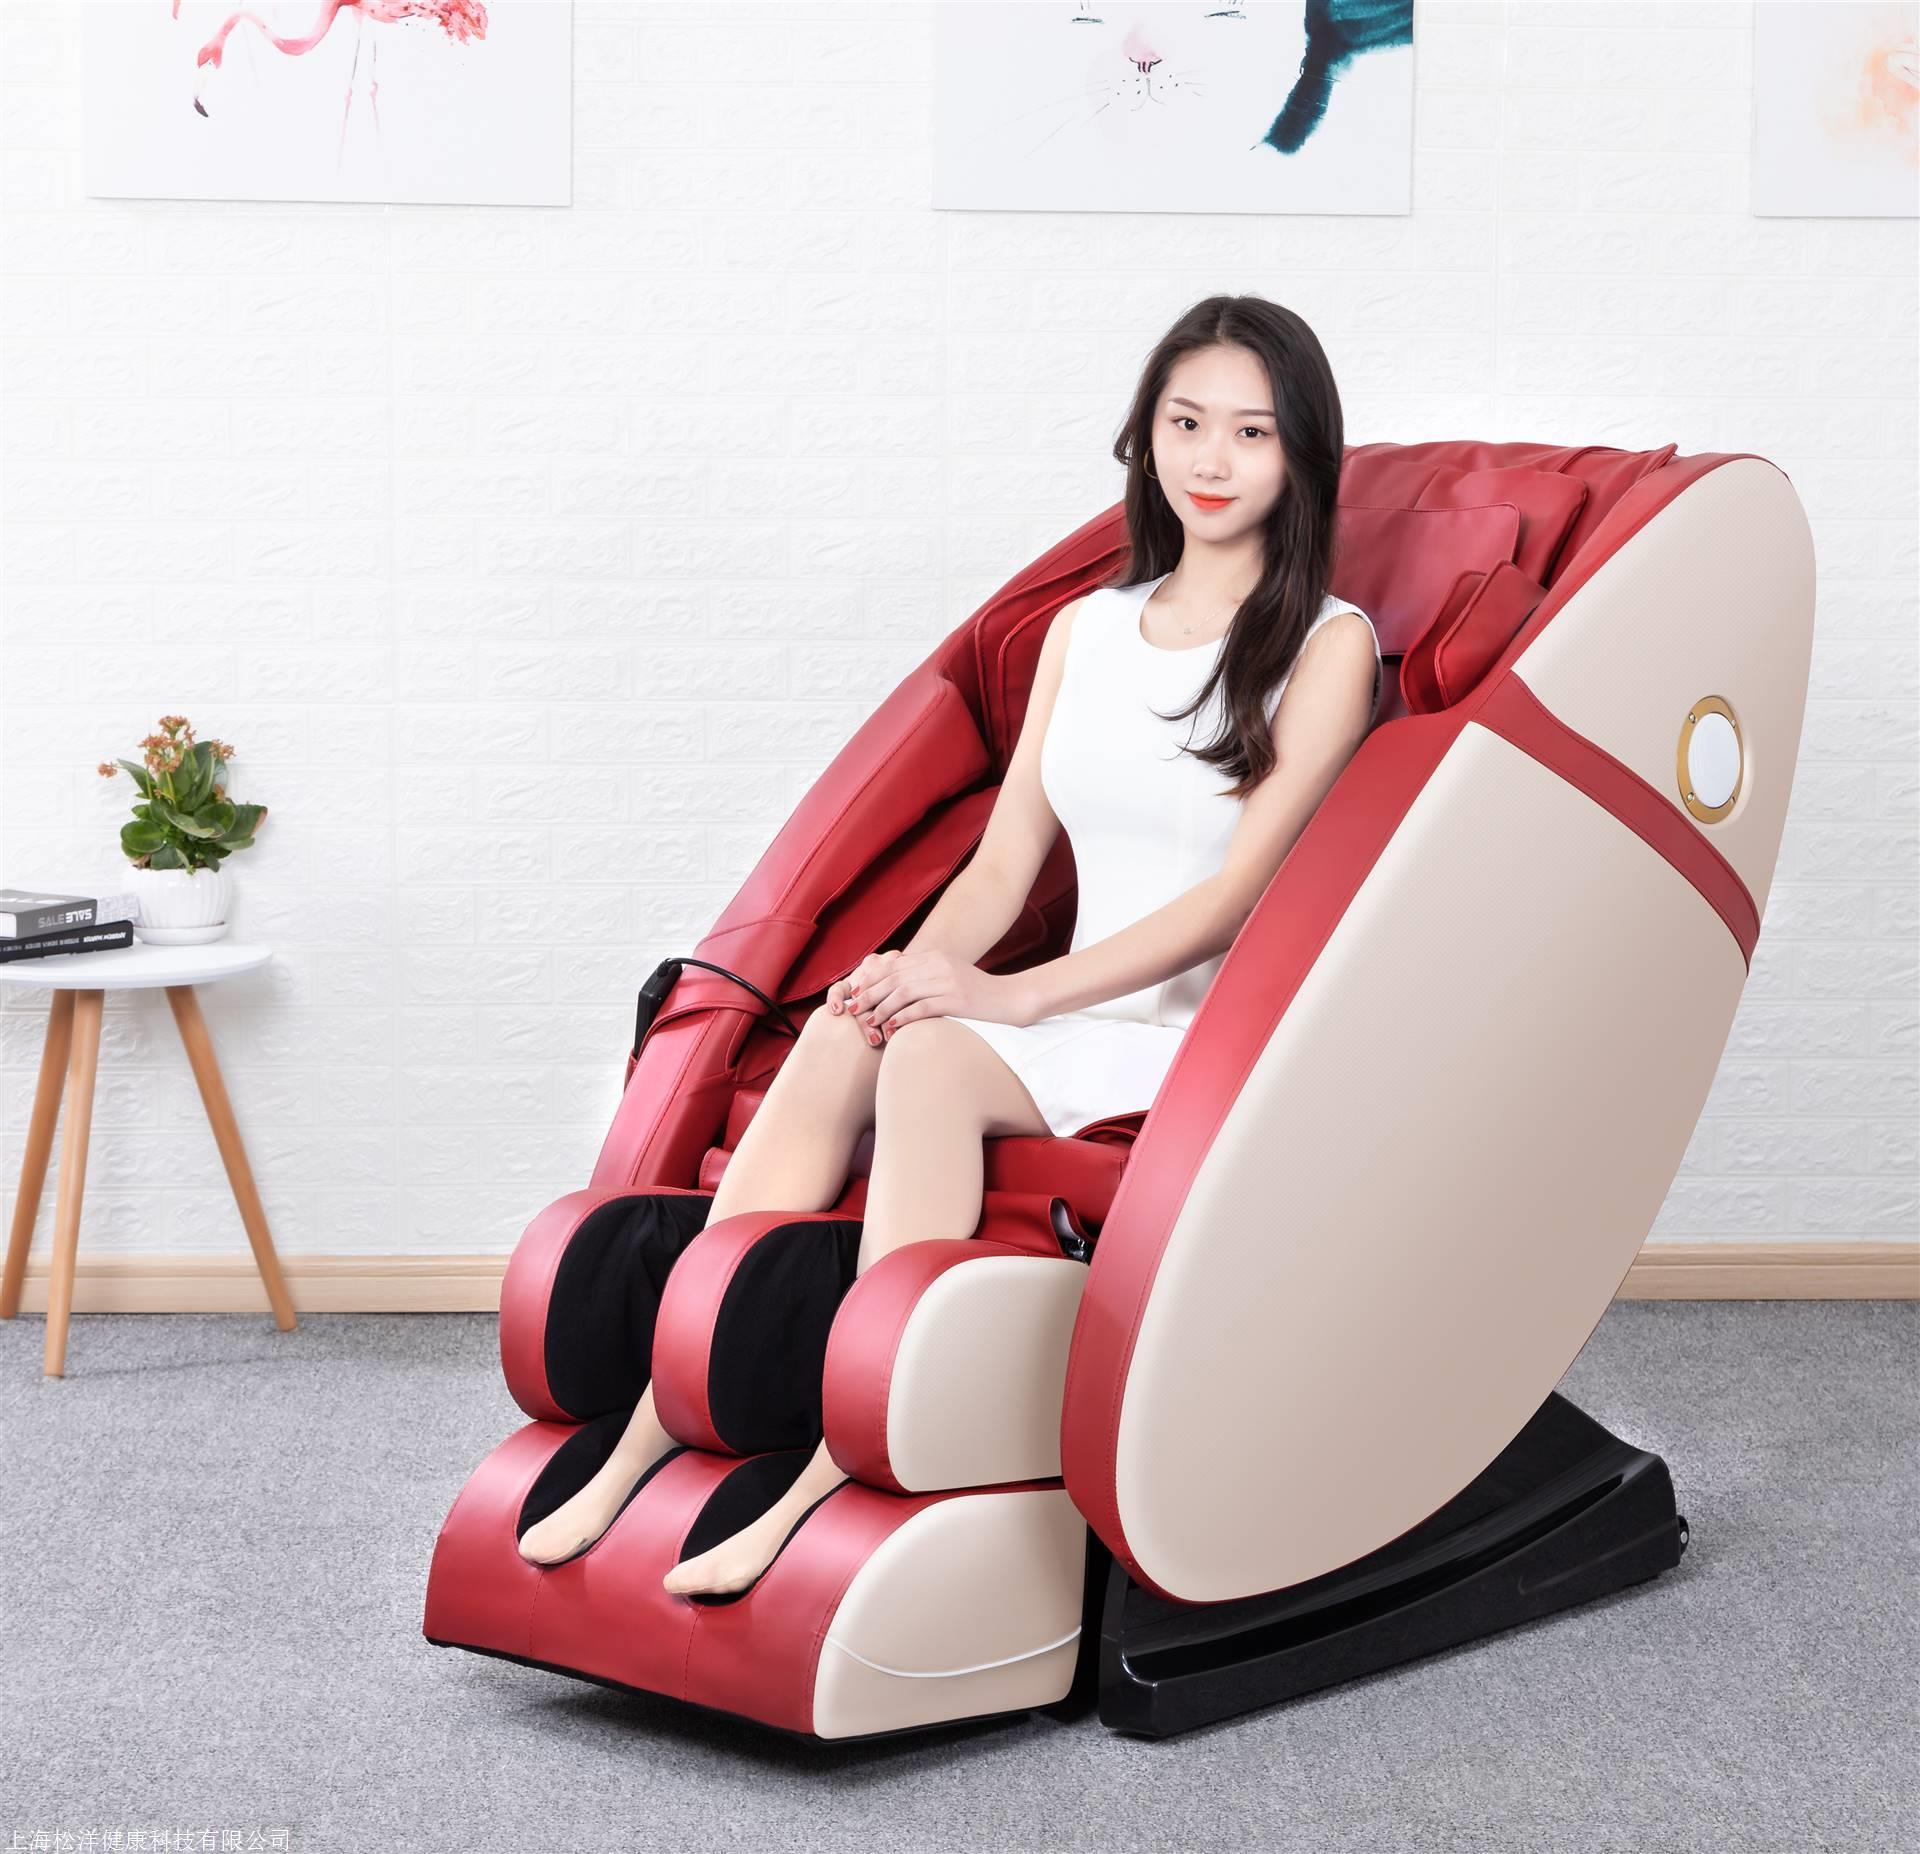 按摩椅品牌排名按摩椅生产厂家